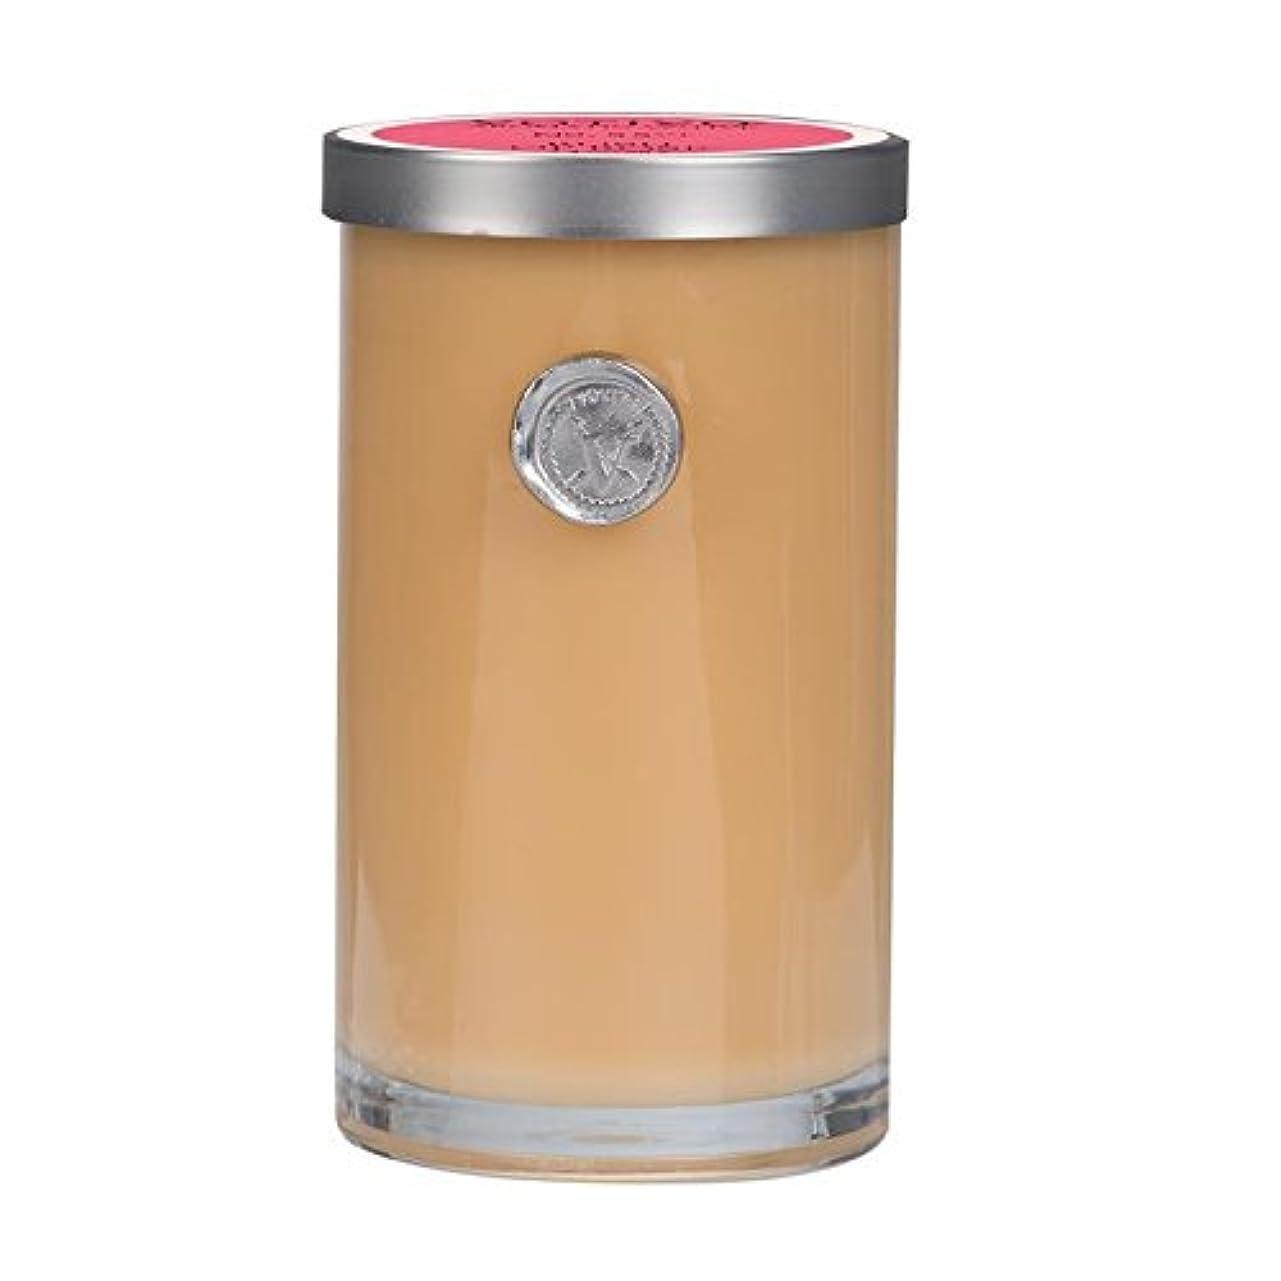 オッズ染料シンカンVOTIVO AROMATIC VOTIVE CANDLE RUSH OF ROSE